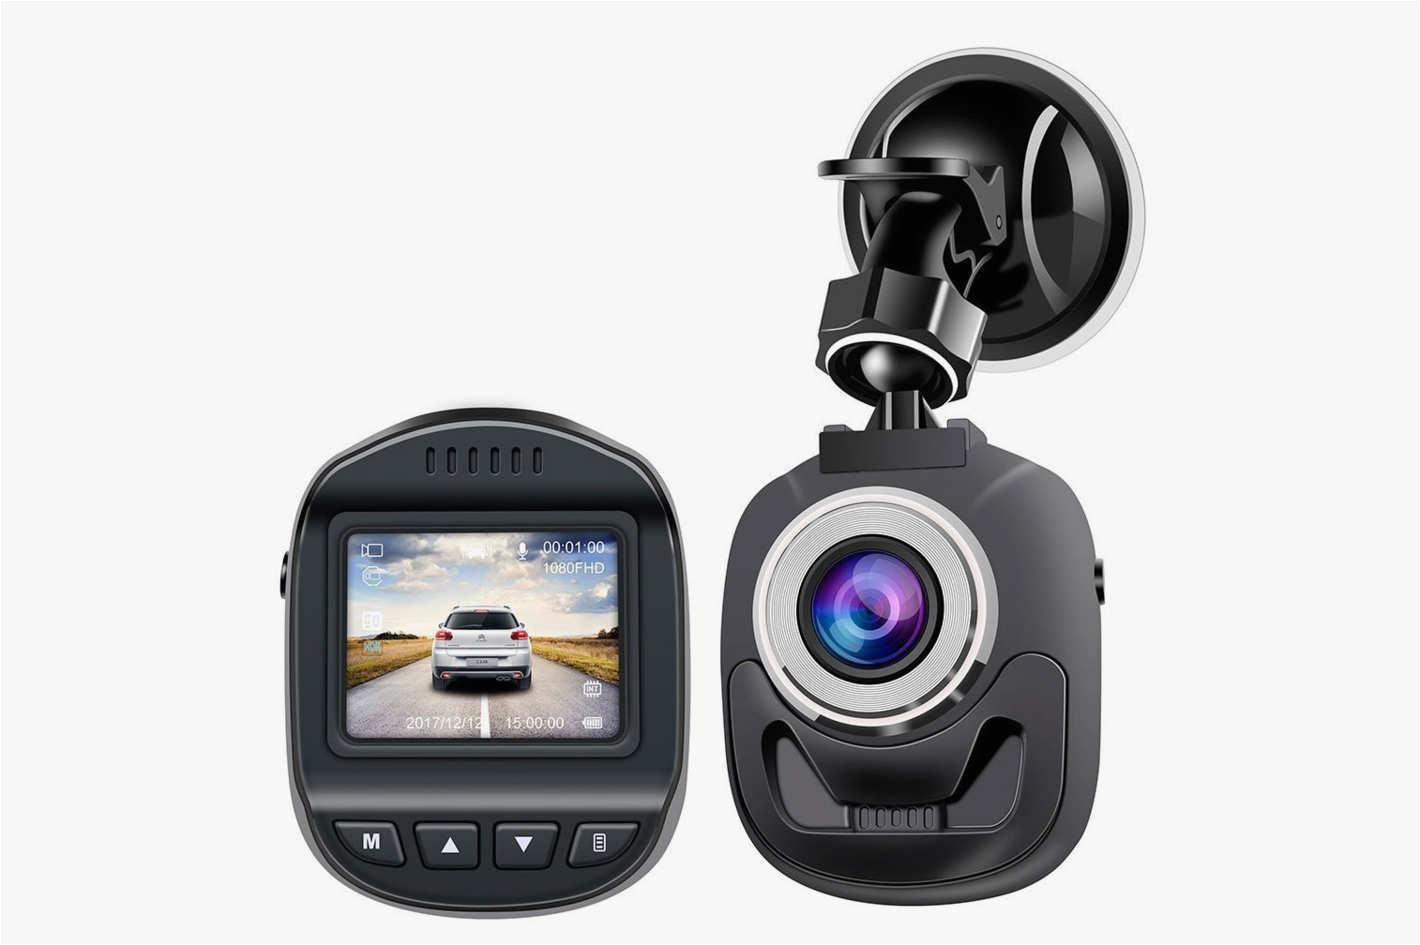 accfly mini dash cam 1080p